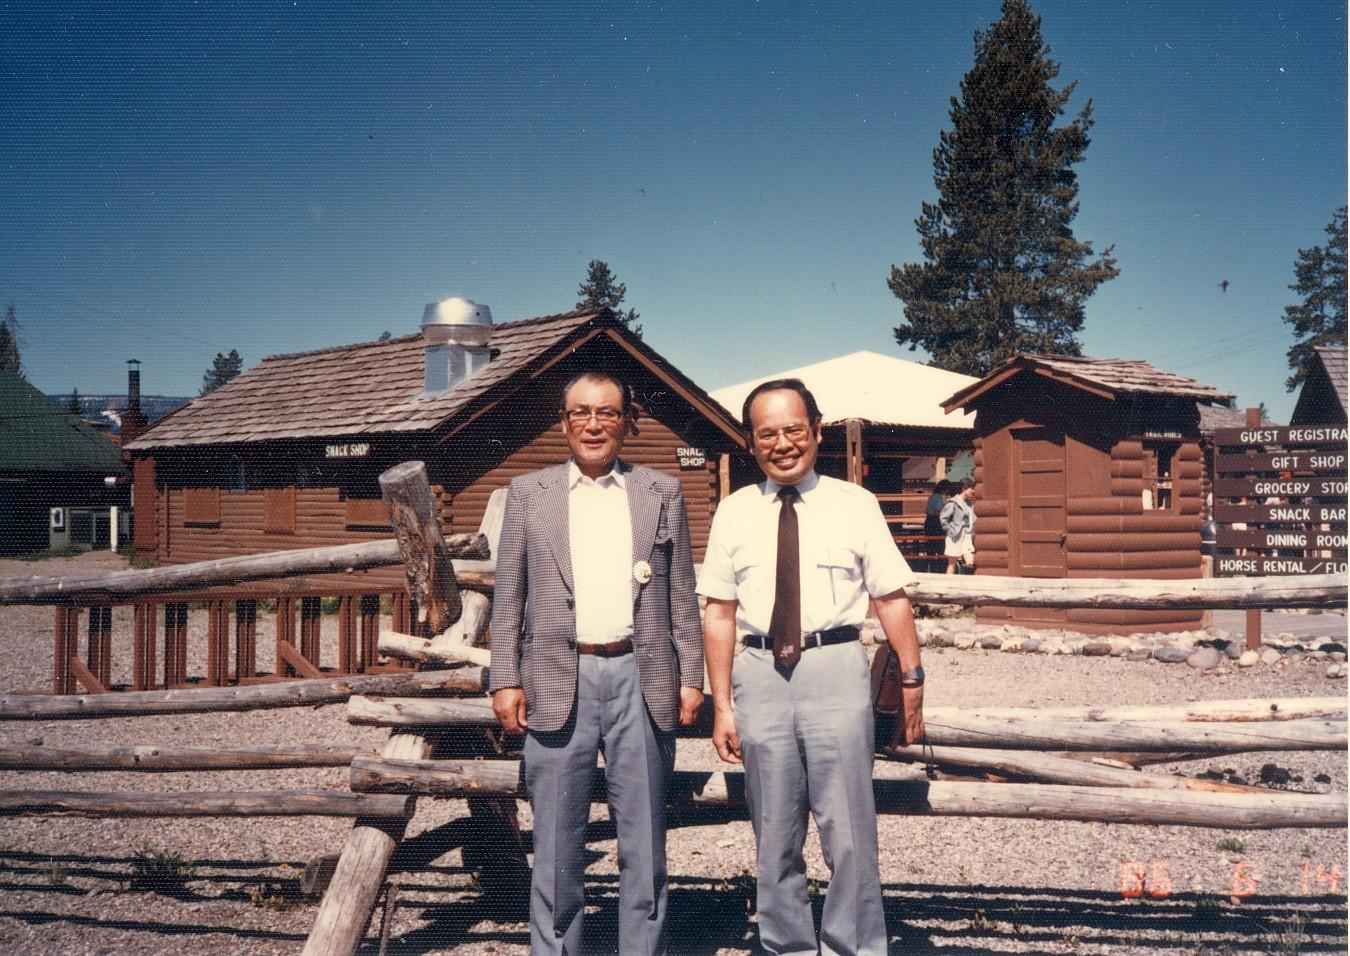 映画「シェーン」の舞台となったグランド・ティートン国立公園内、ジョーイが'Shane! come back to me!'と叫んだ小屋の前で 1990年6月